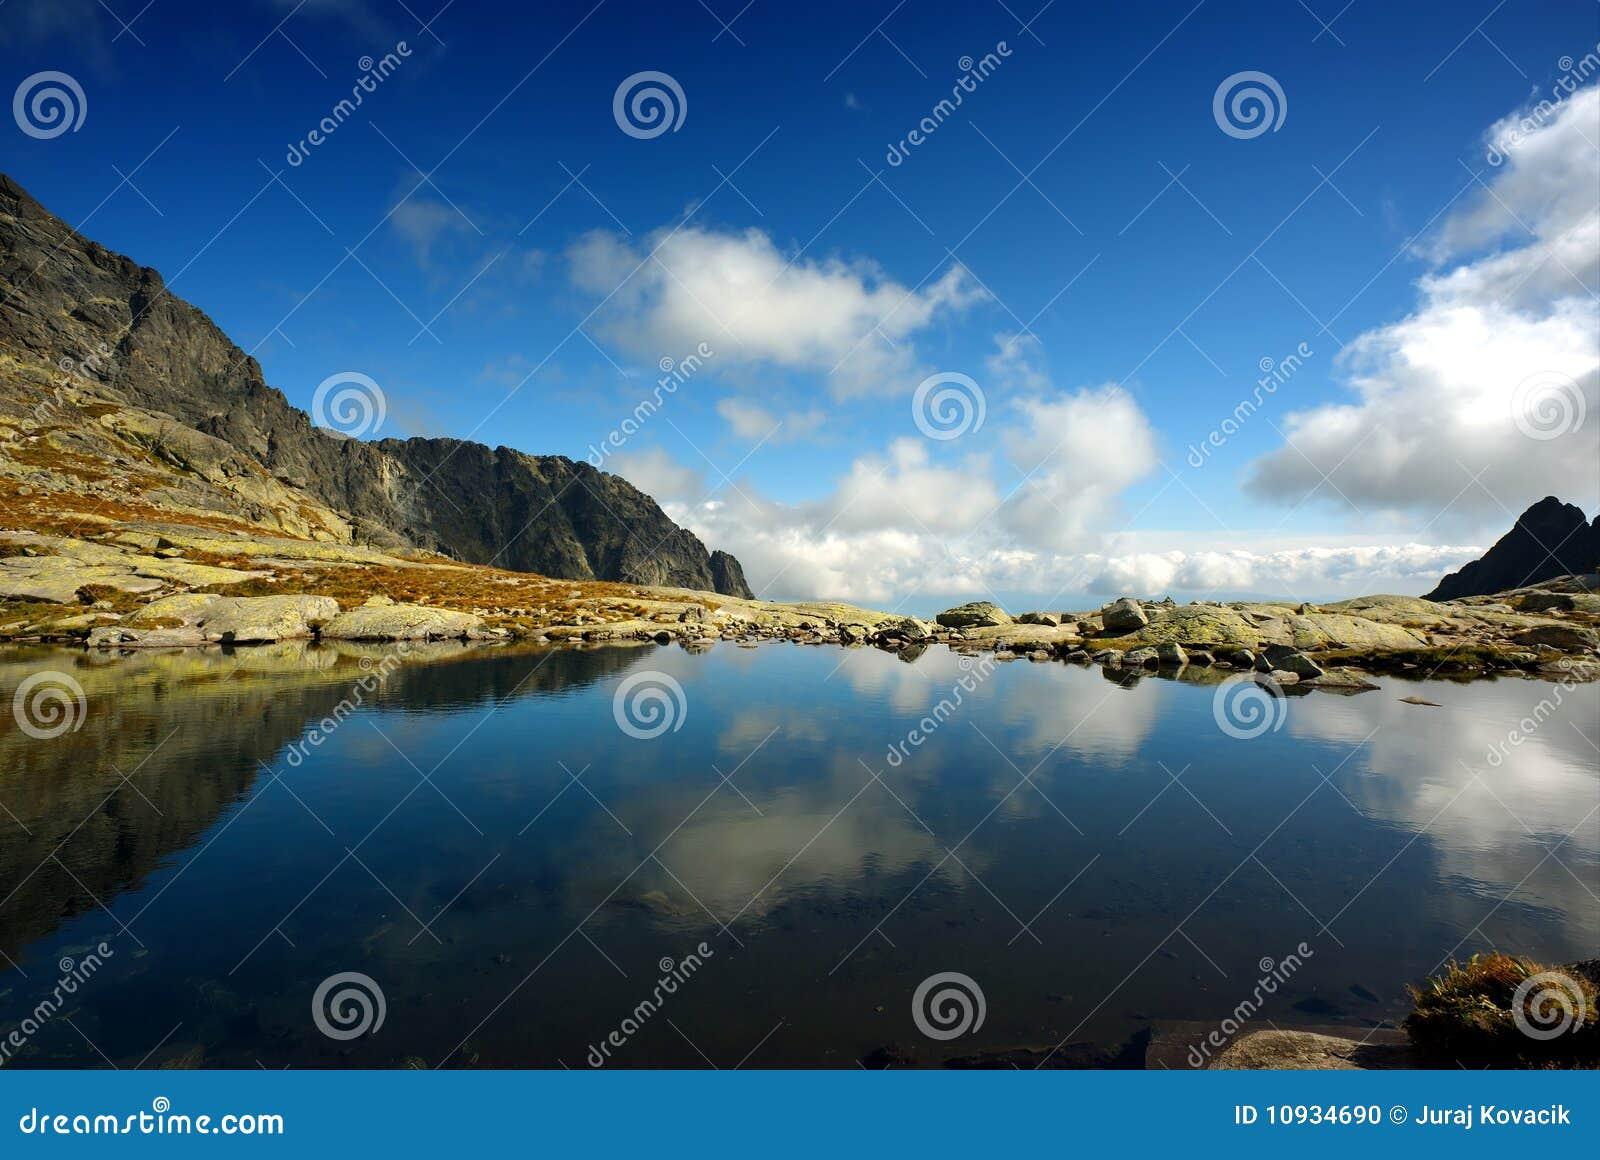 небо отражения горы озера